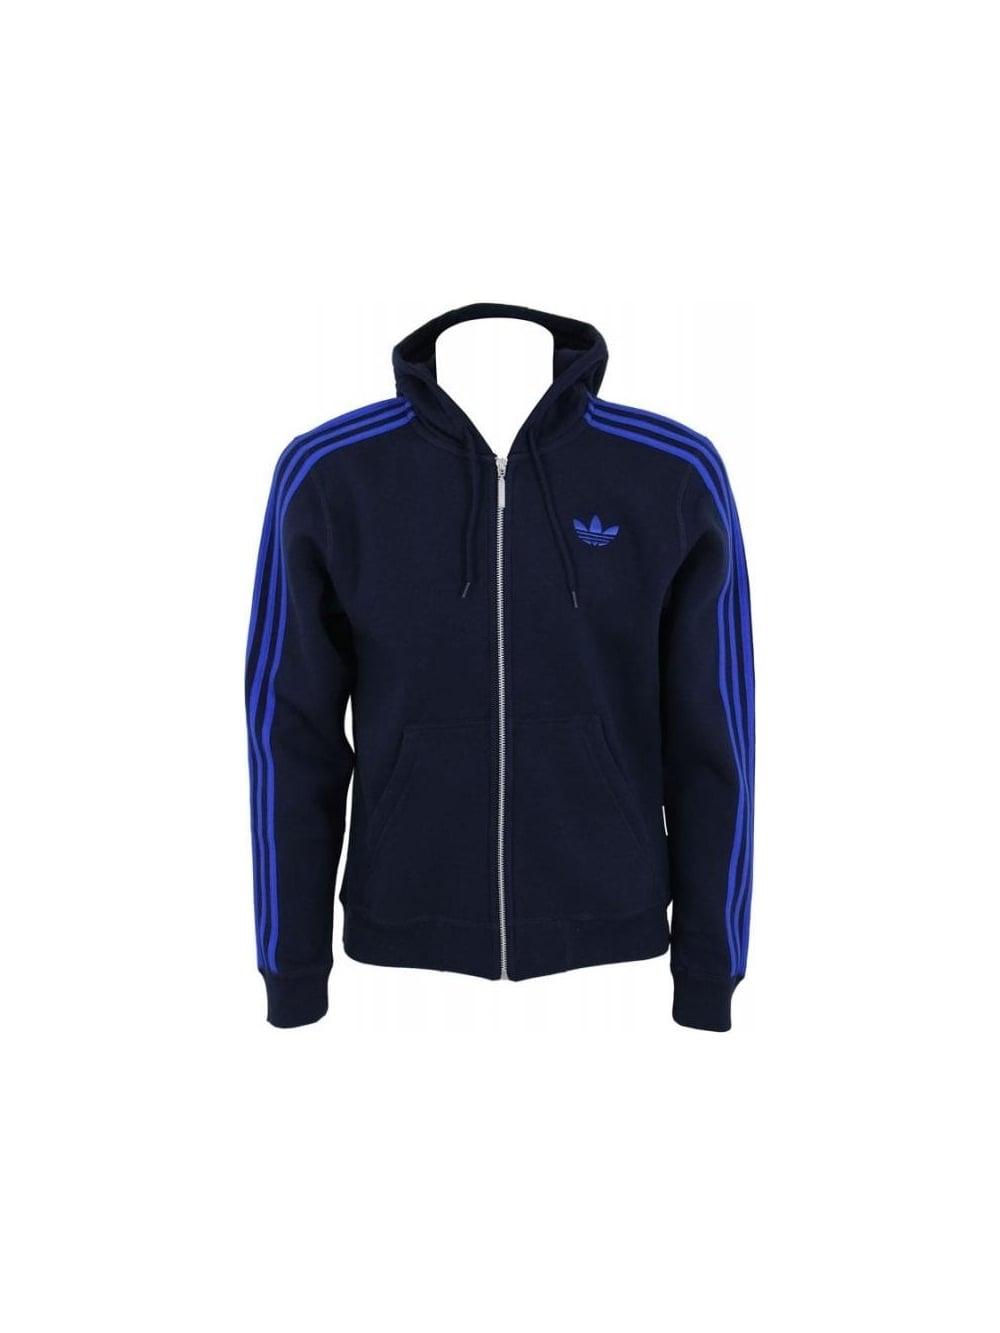 Adidas Spo Hooded Floc Swear in Legend Ink - Northern Threads 39dd2197a